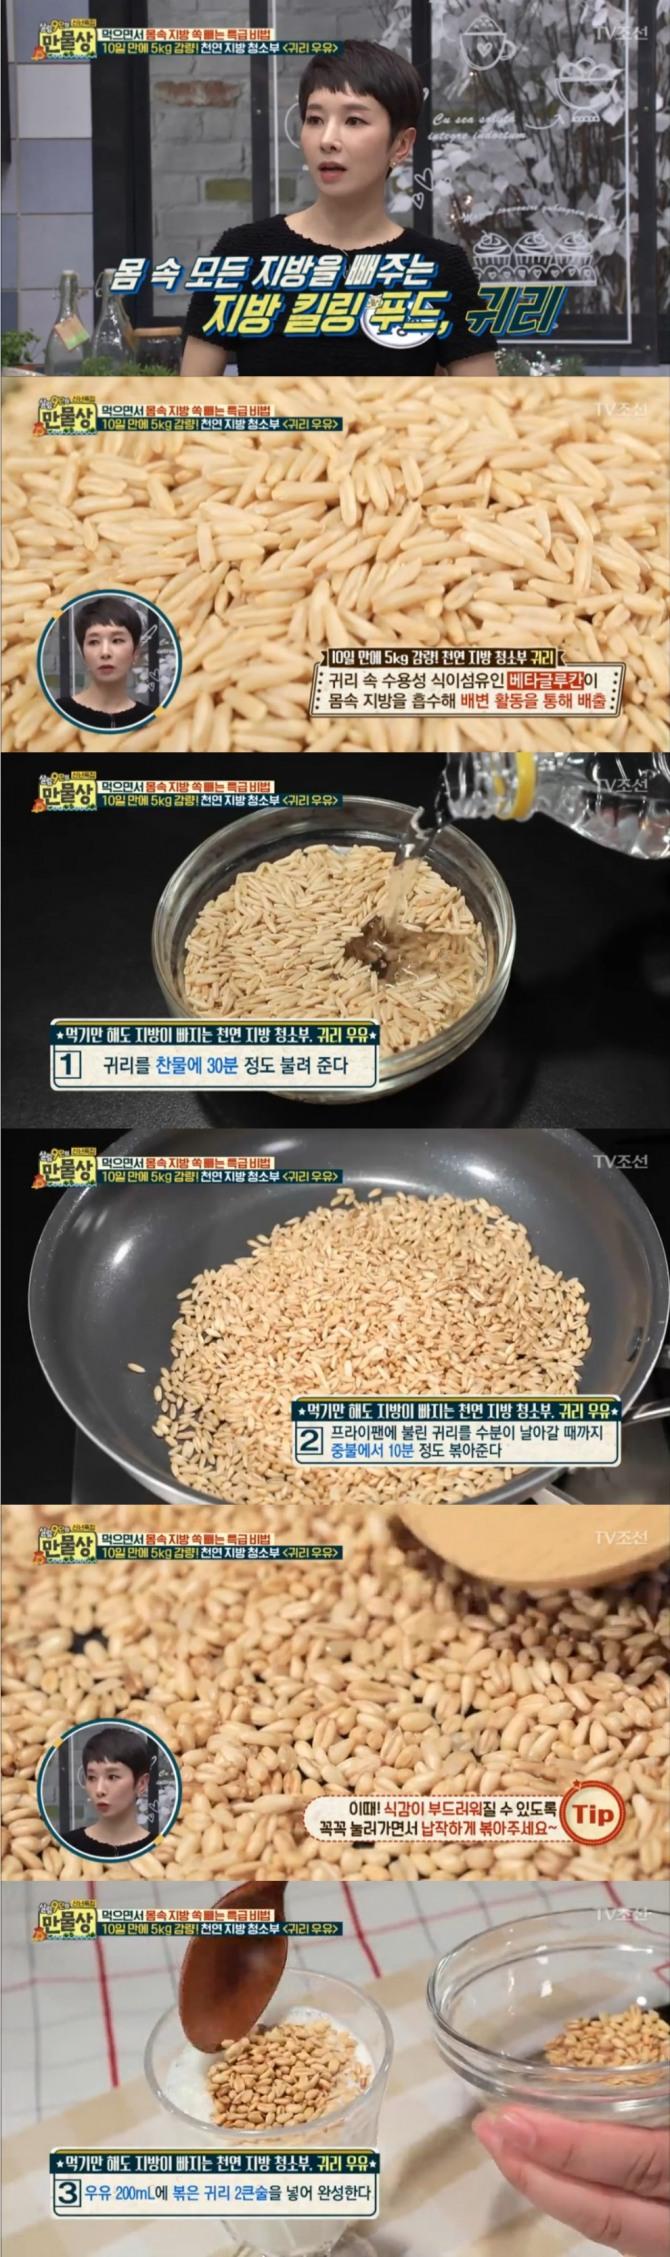 11일 밤 방송된 TV조선 '살림9단의 만물상'에서는 고정아 가정의학과 전문의가 출연, 다이어트에 도움이 되는 귀리우유만드는 방법을 공개했다. 사진=TV조선 방송 캡처